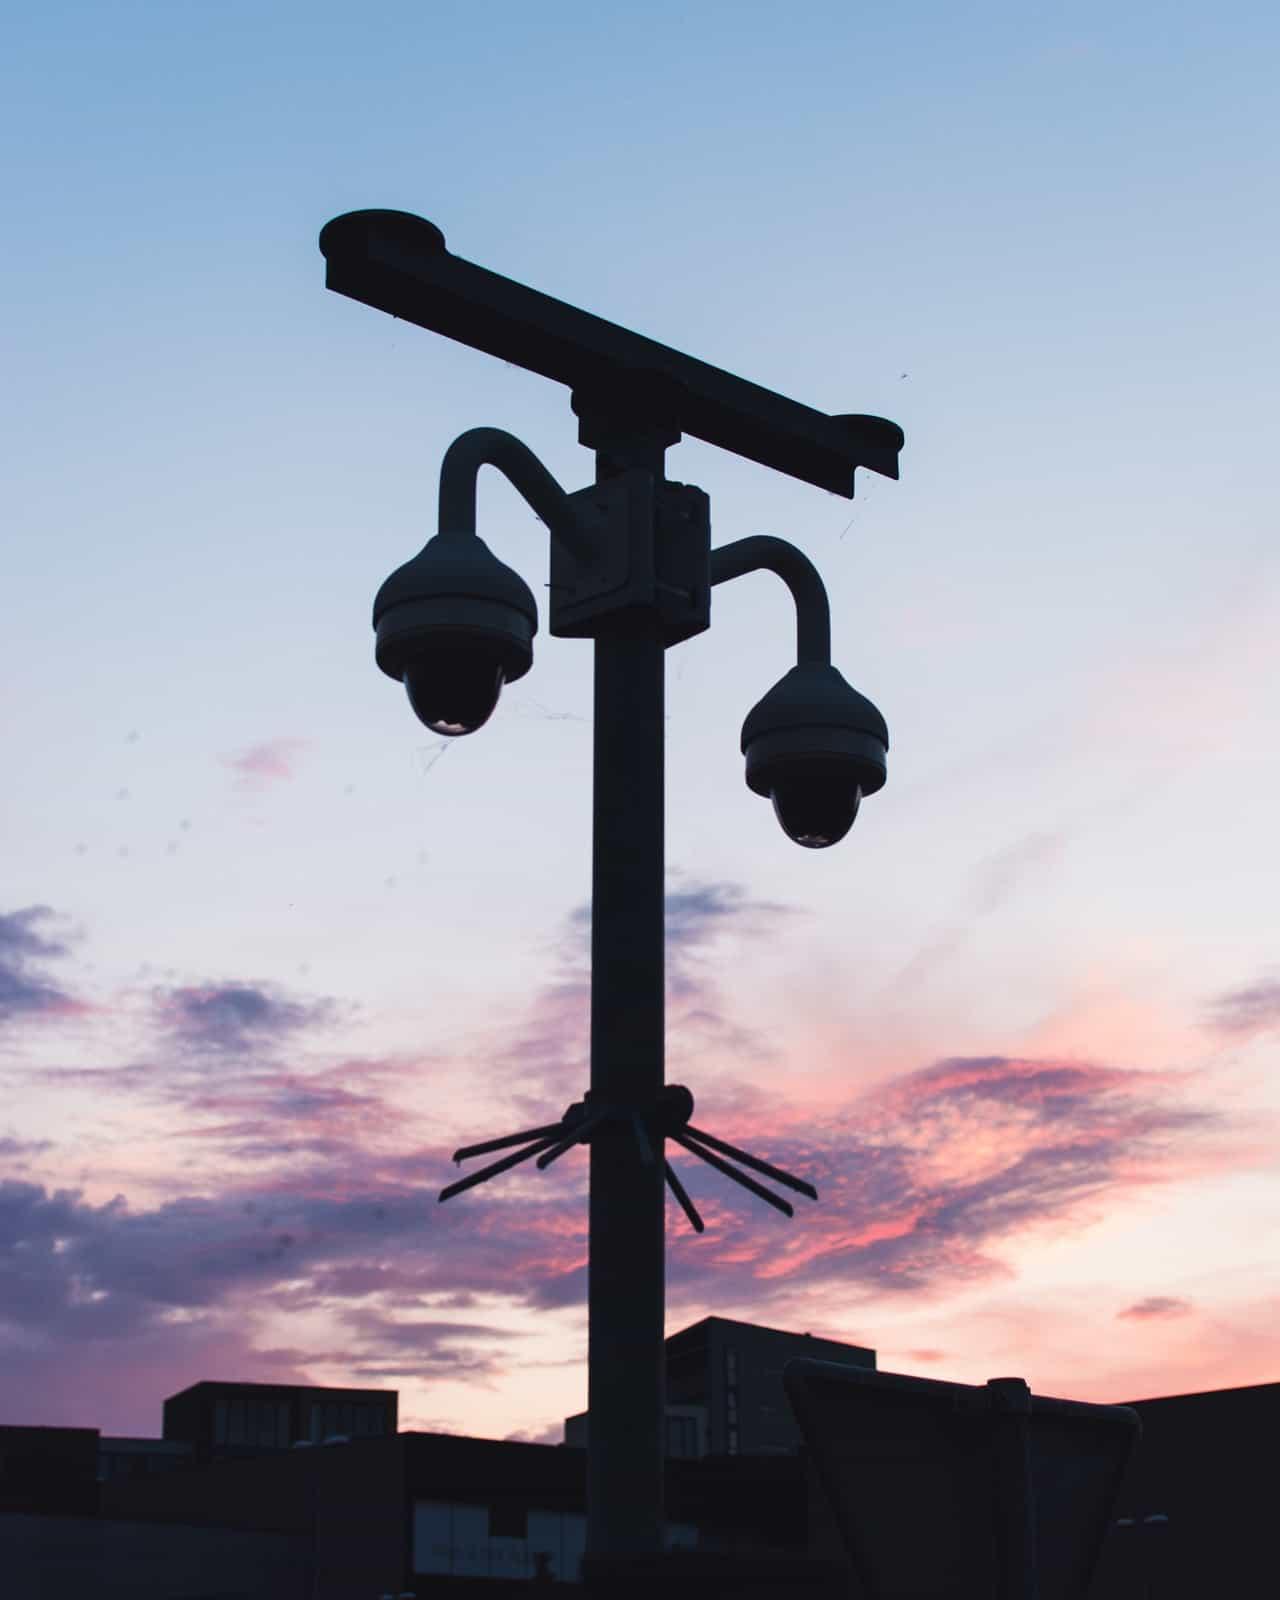 Obblighi per l'installazione di impianti di videosorveglianza